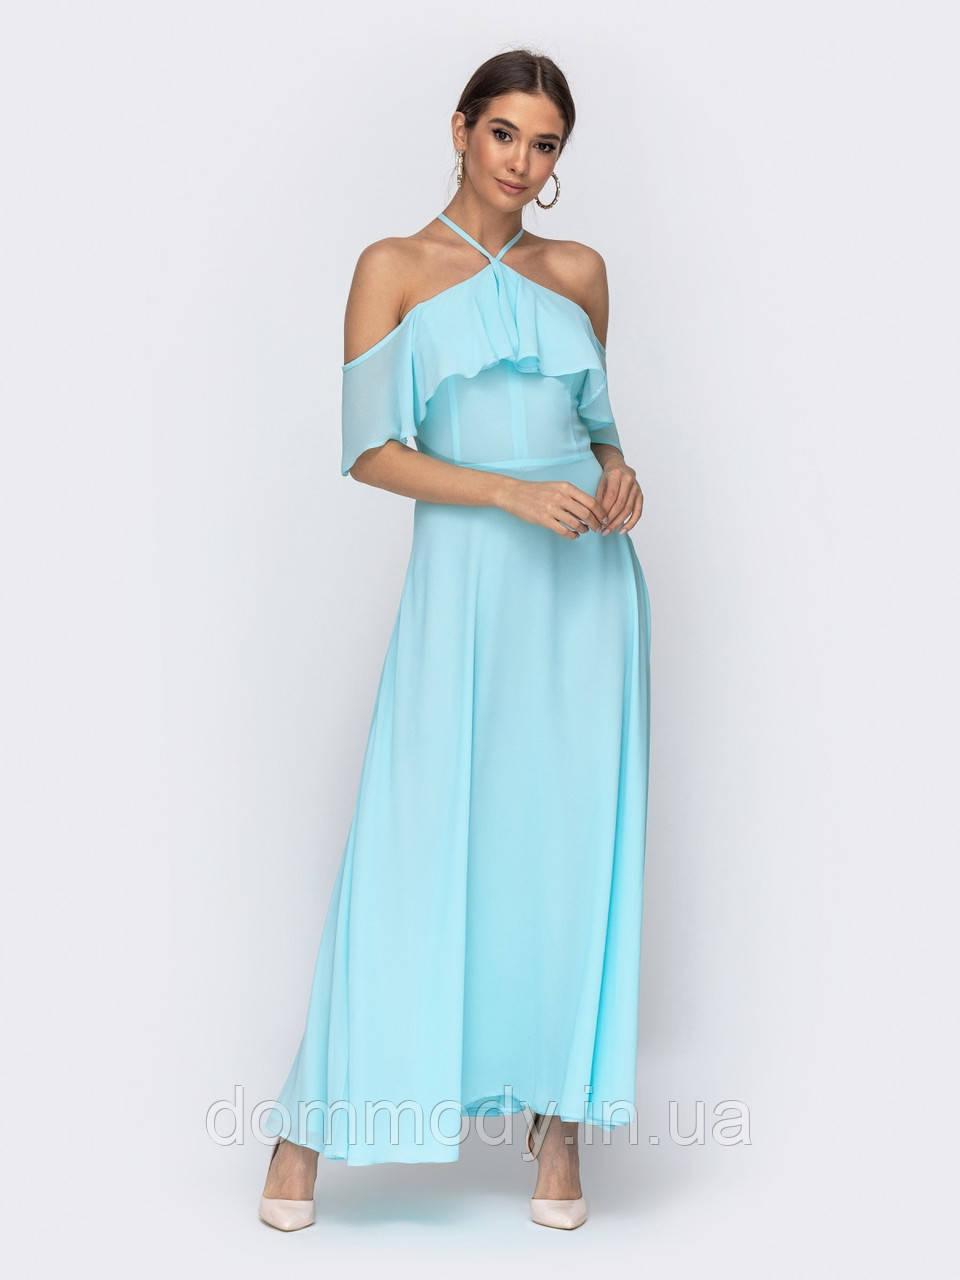 Платье женское Priscilla blu